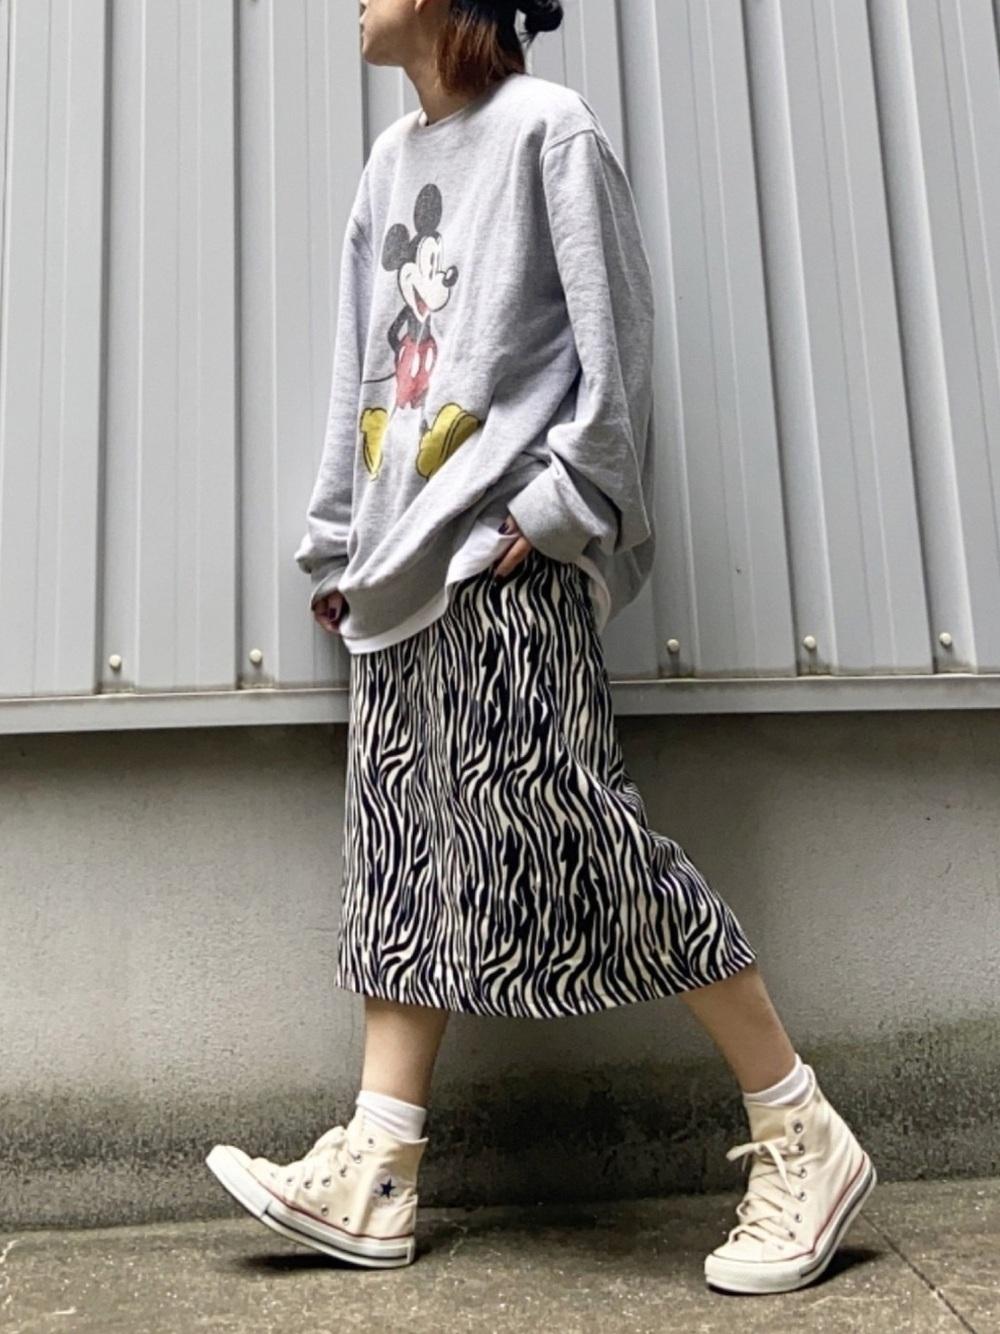 ホワイトハイカットスニーカー×柄スカート high-cut-sneaker-ladies-style-with-printed-skirt